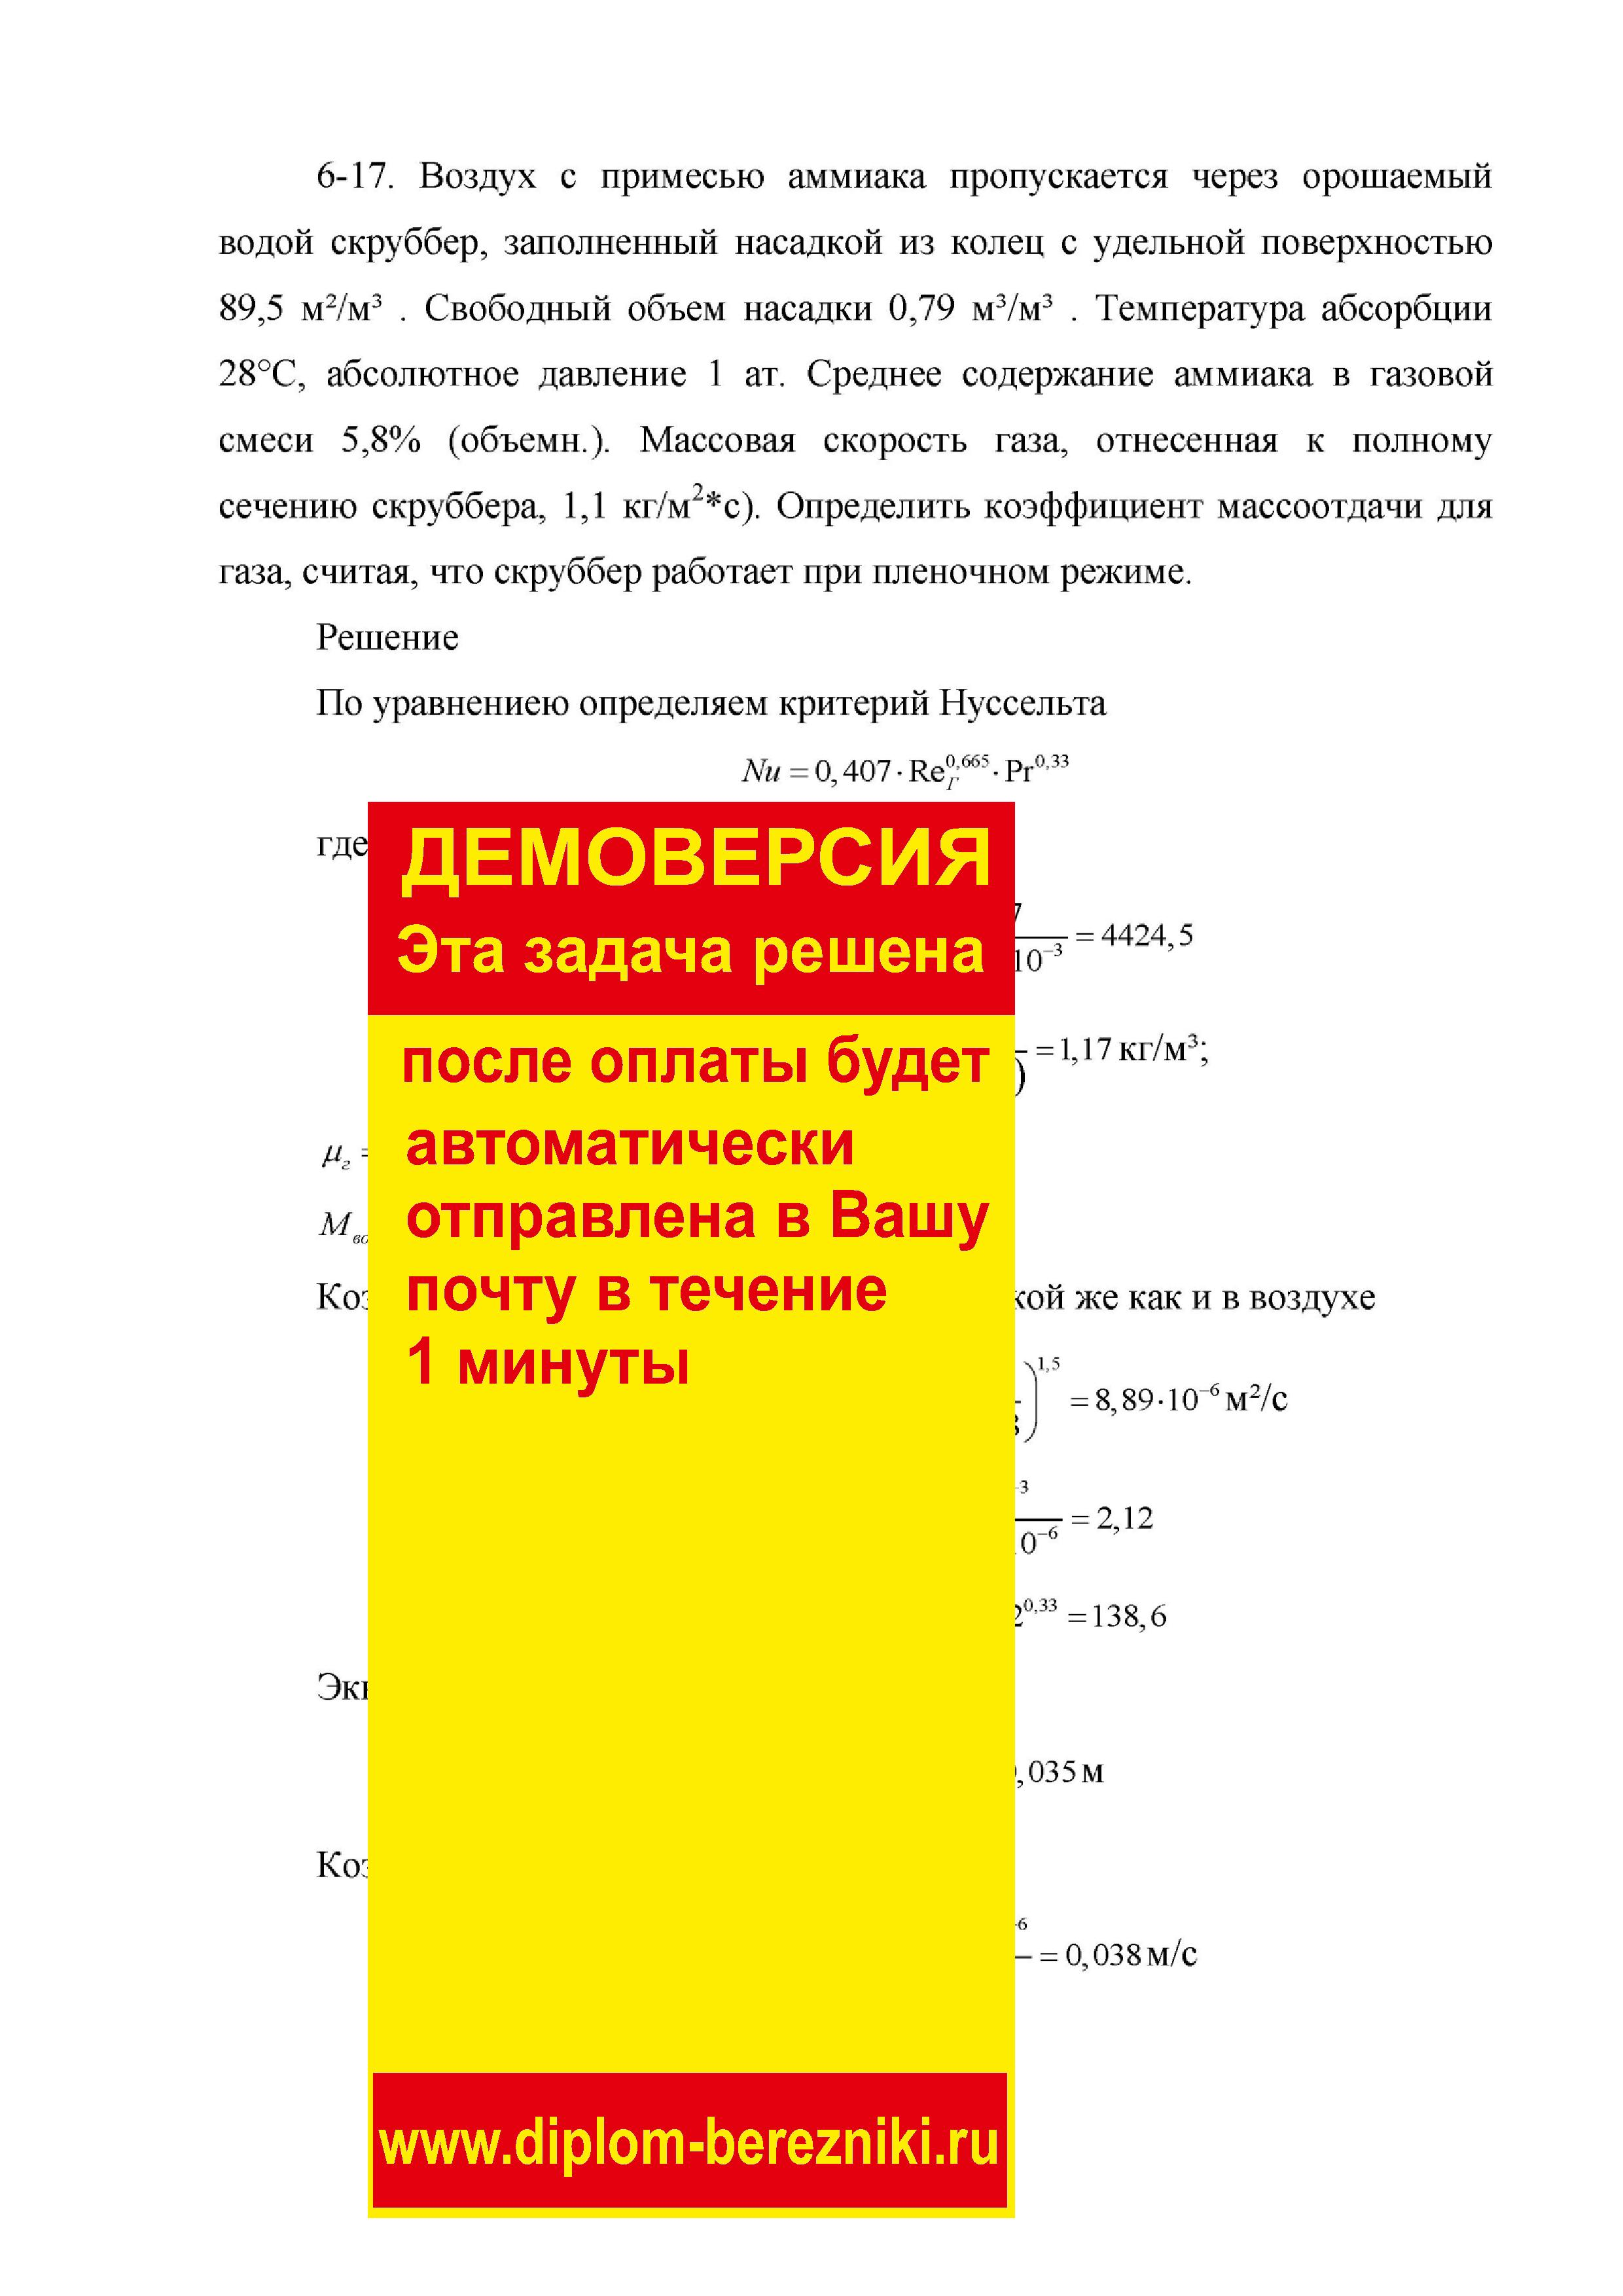 Решение задачи 6.17 по ПАХТ из задачника Павлова Романкова Носкова